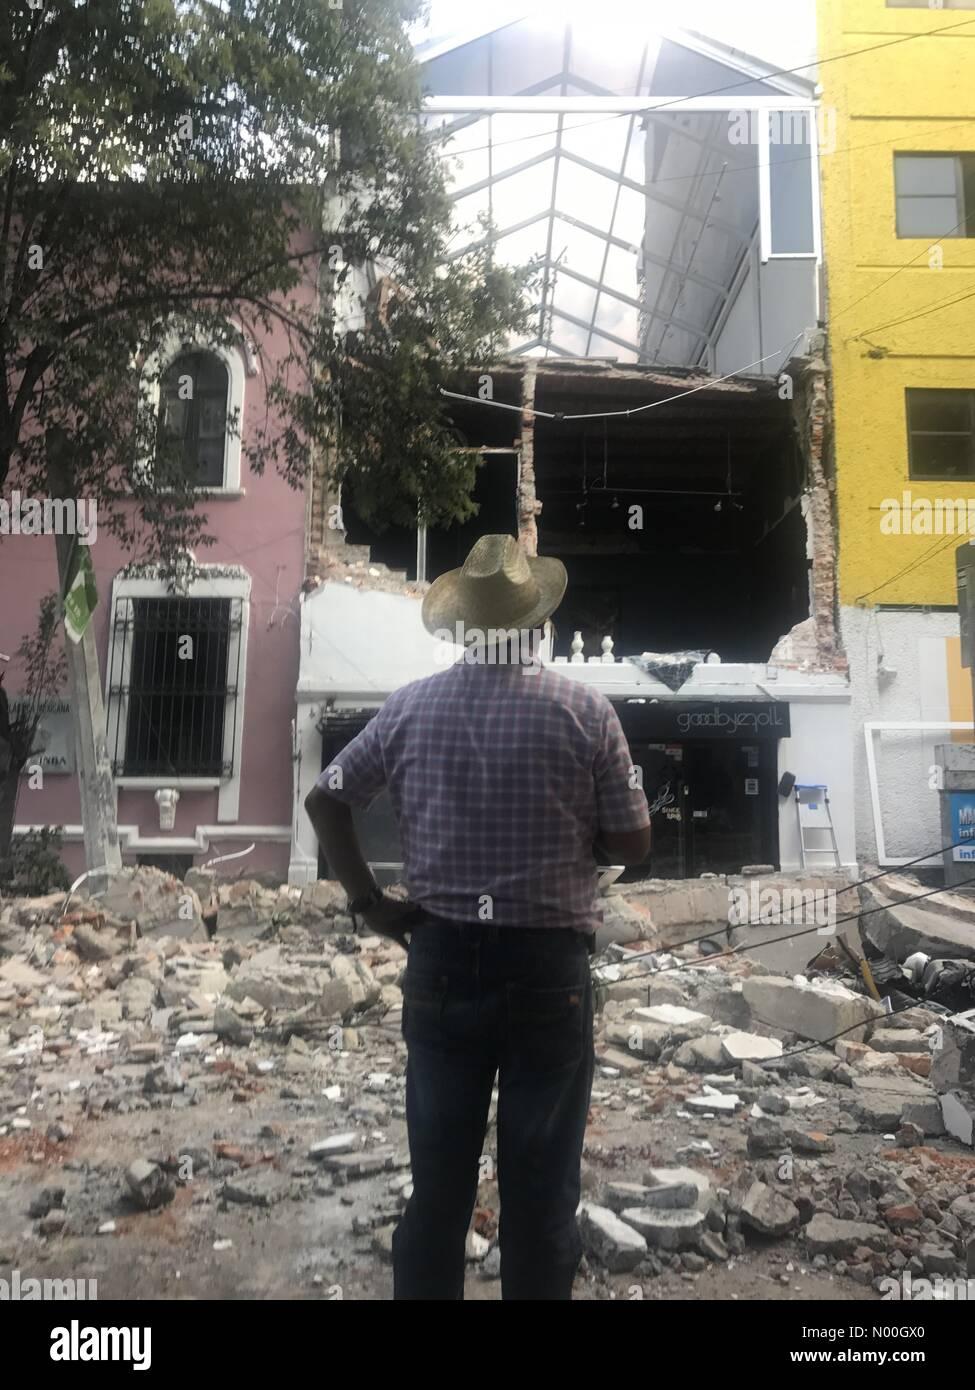 Colima 194-196, Roma Nte., Ciudad de México, Ciudad de México, Mexico. 19th Sep, 2017. A man watches the building Stock Photo